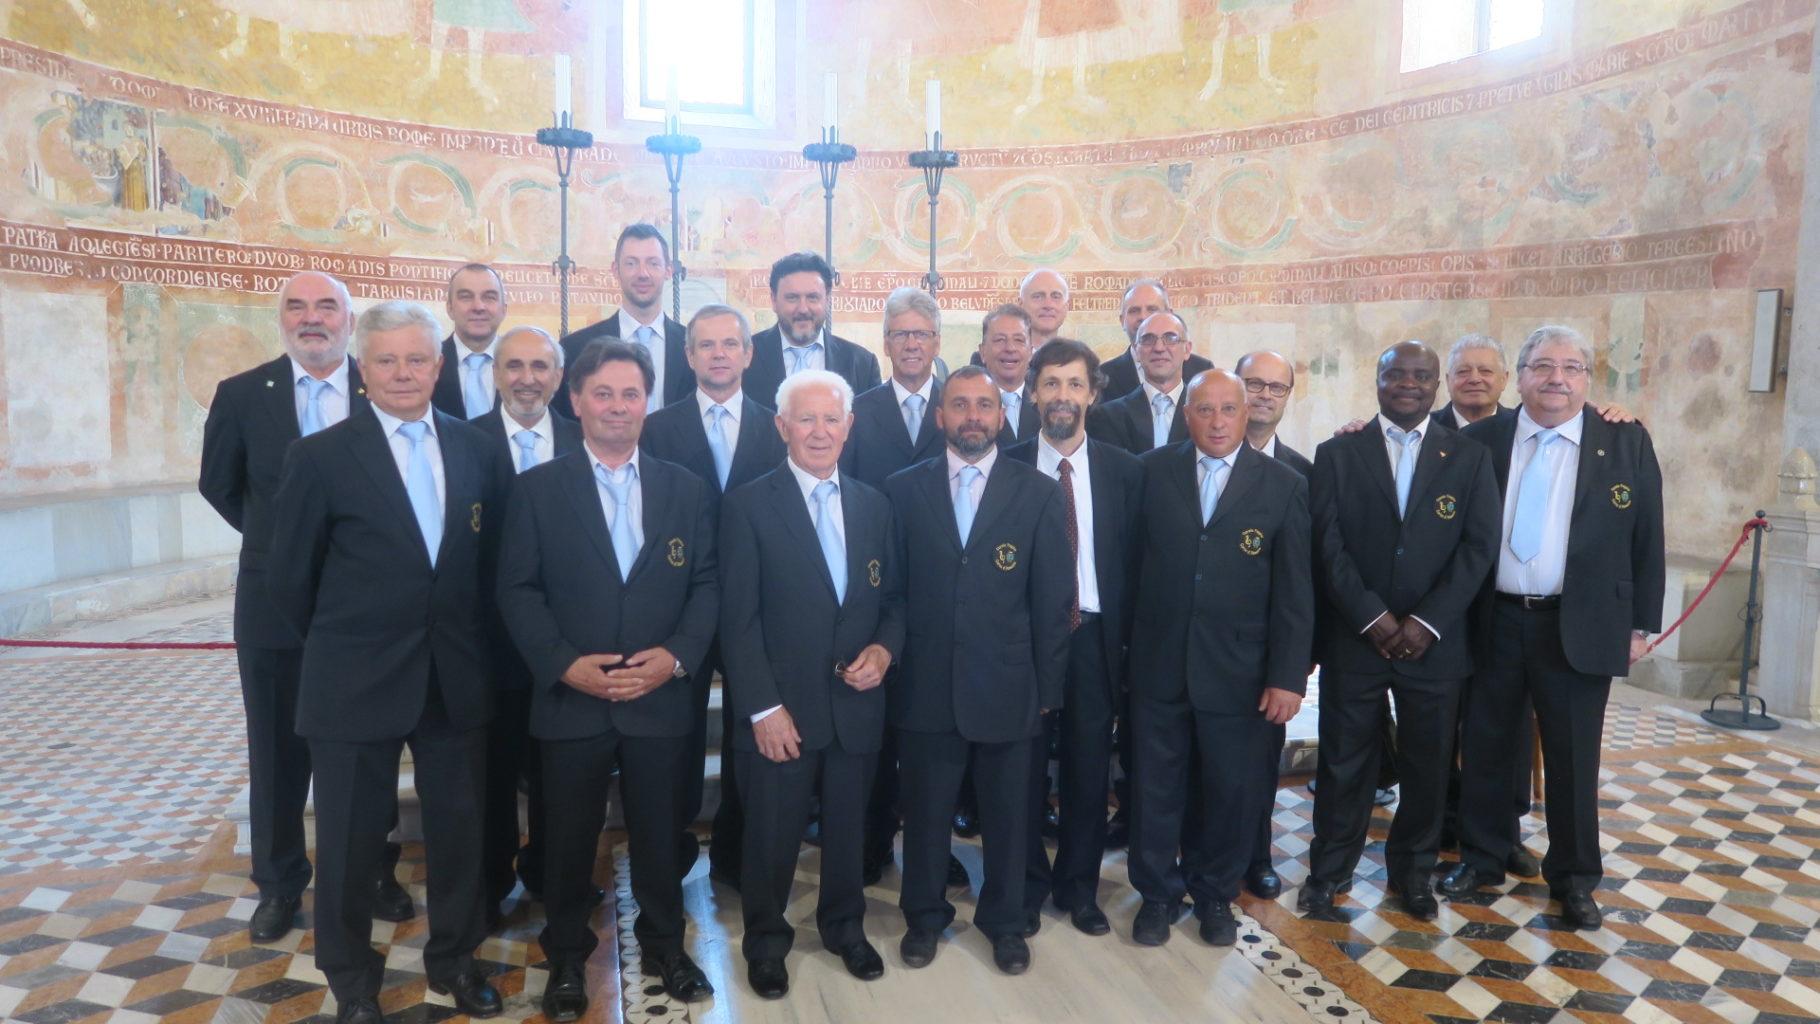 Messa nella Basilica di Aquileia